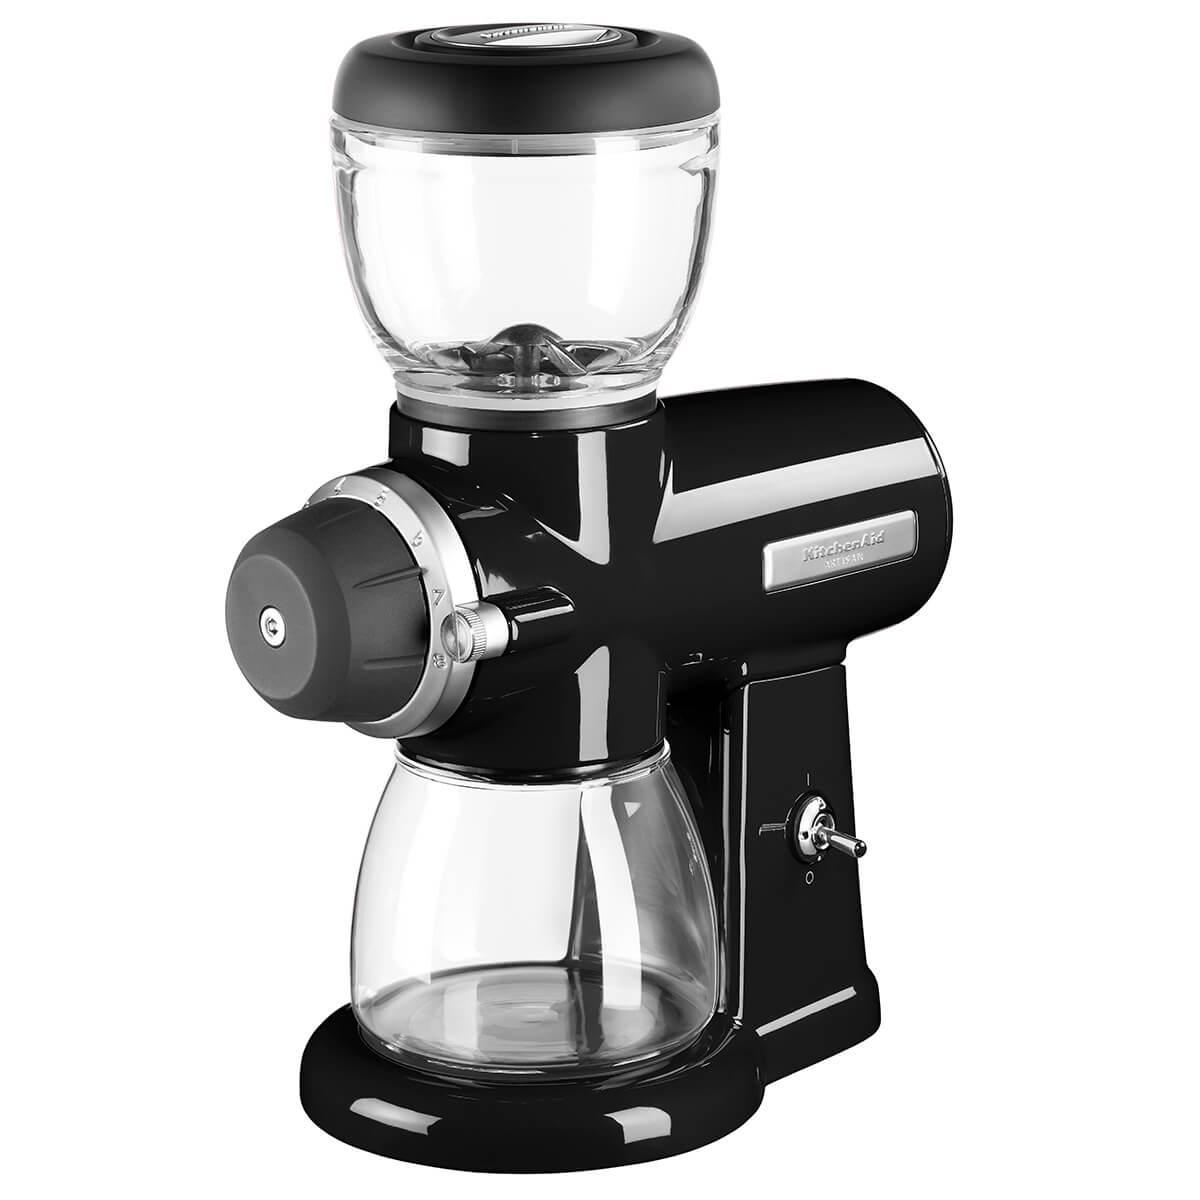 KitchenAid artisan kaffekvaern